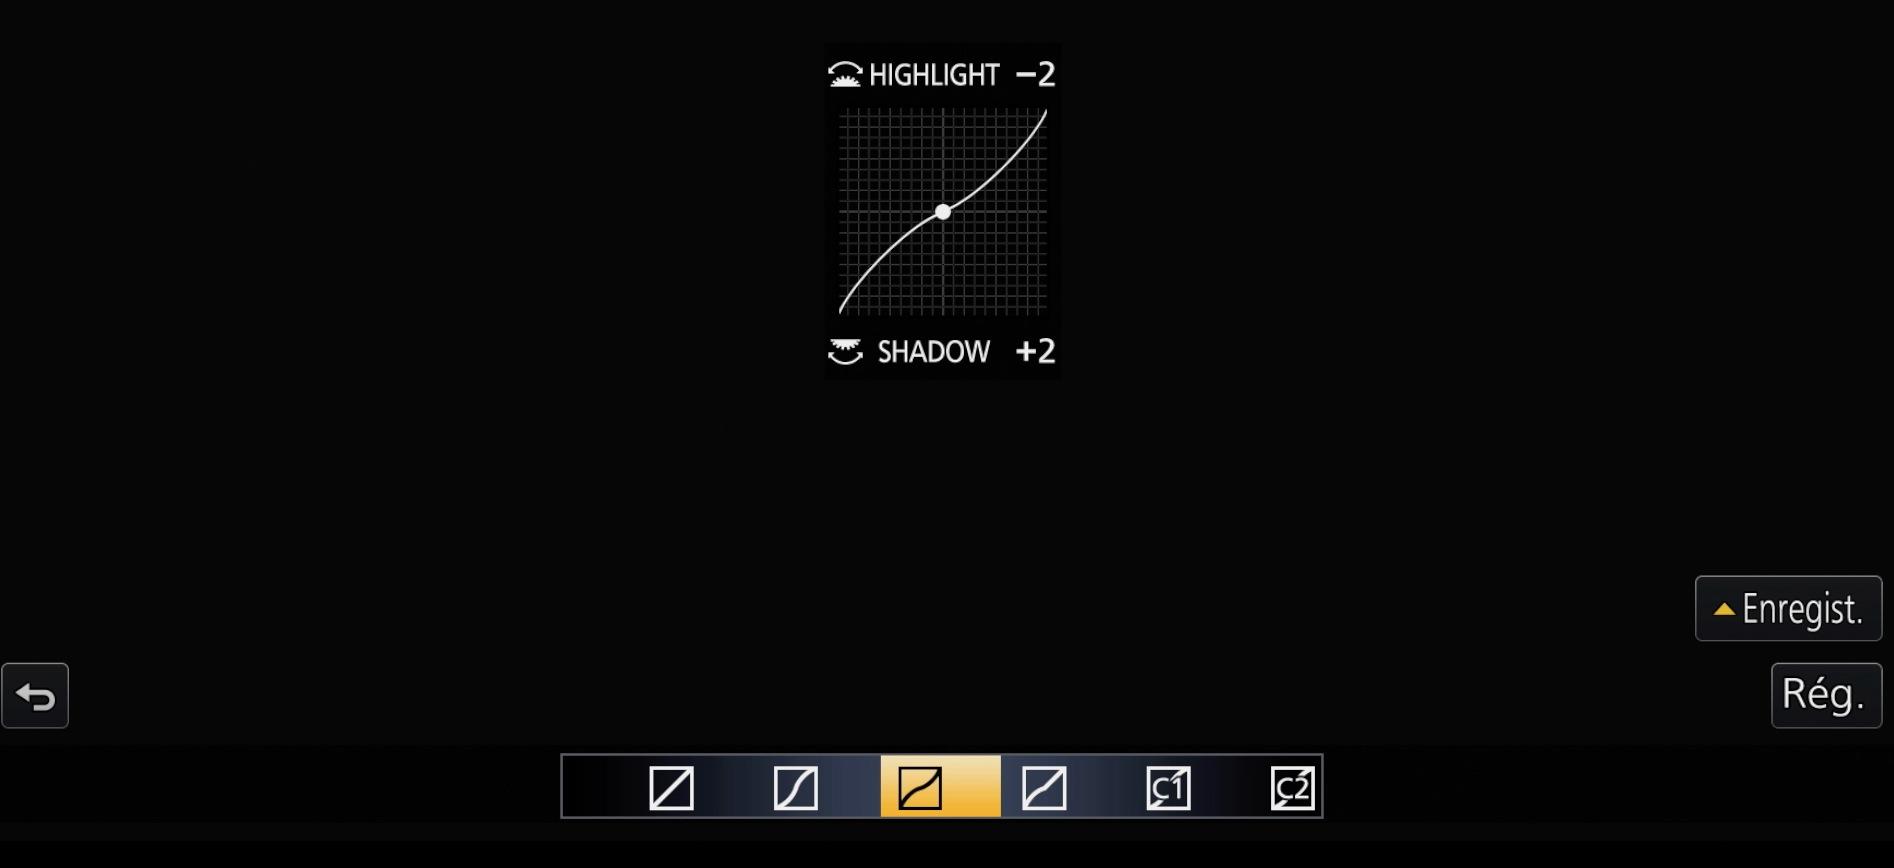 Réglages highlight et shadow du GH4 de Panasonic.